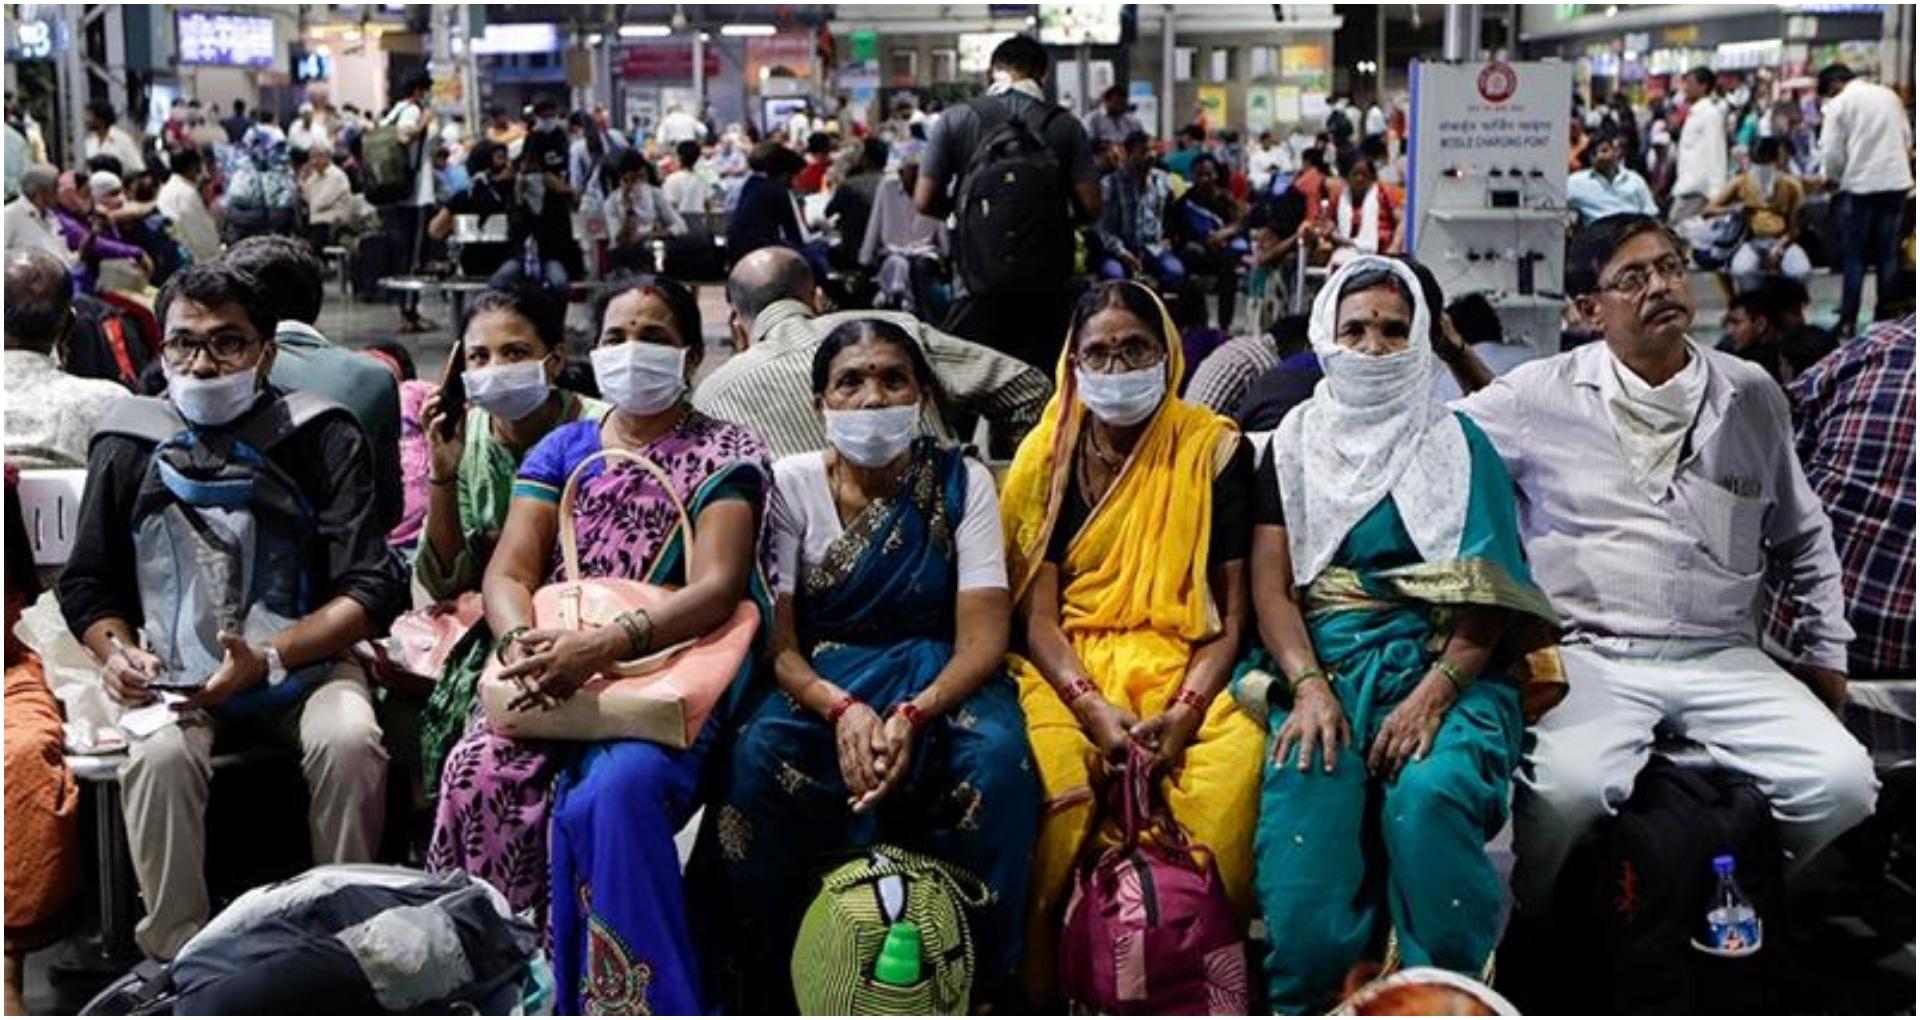 Coronavirus In Delhi: सऊदी से आई महिला ने दिल्ली के 800 लोगों की ज़िंदगी को डाला खतरे में!